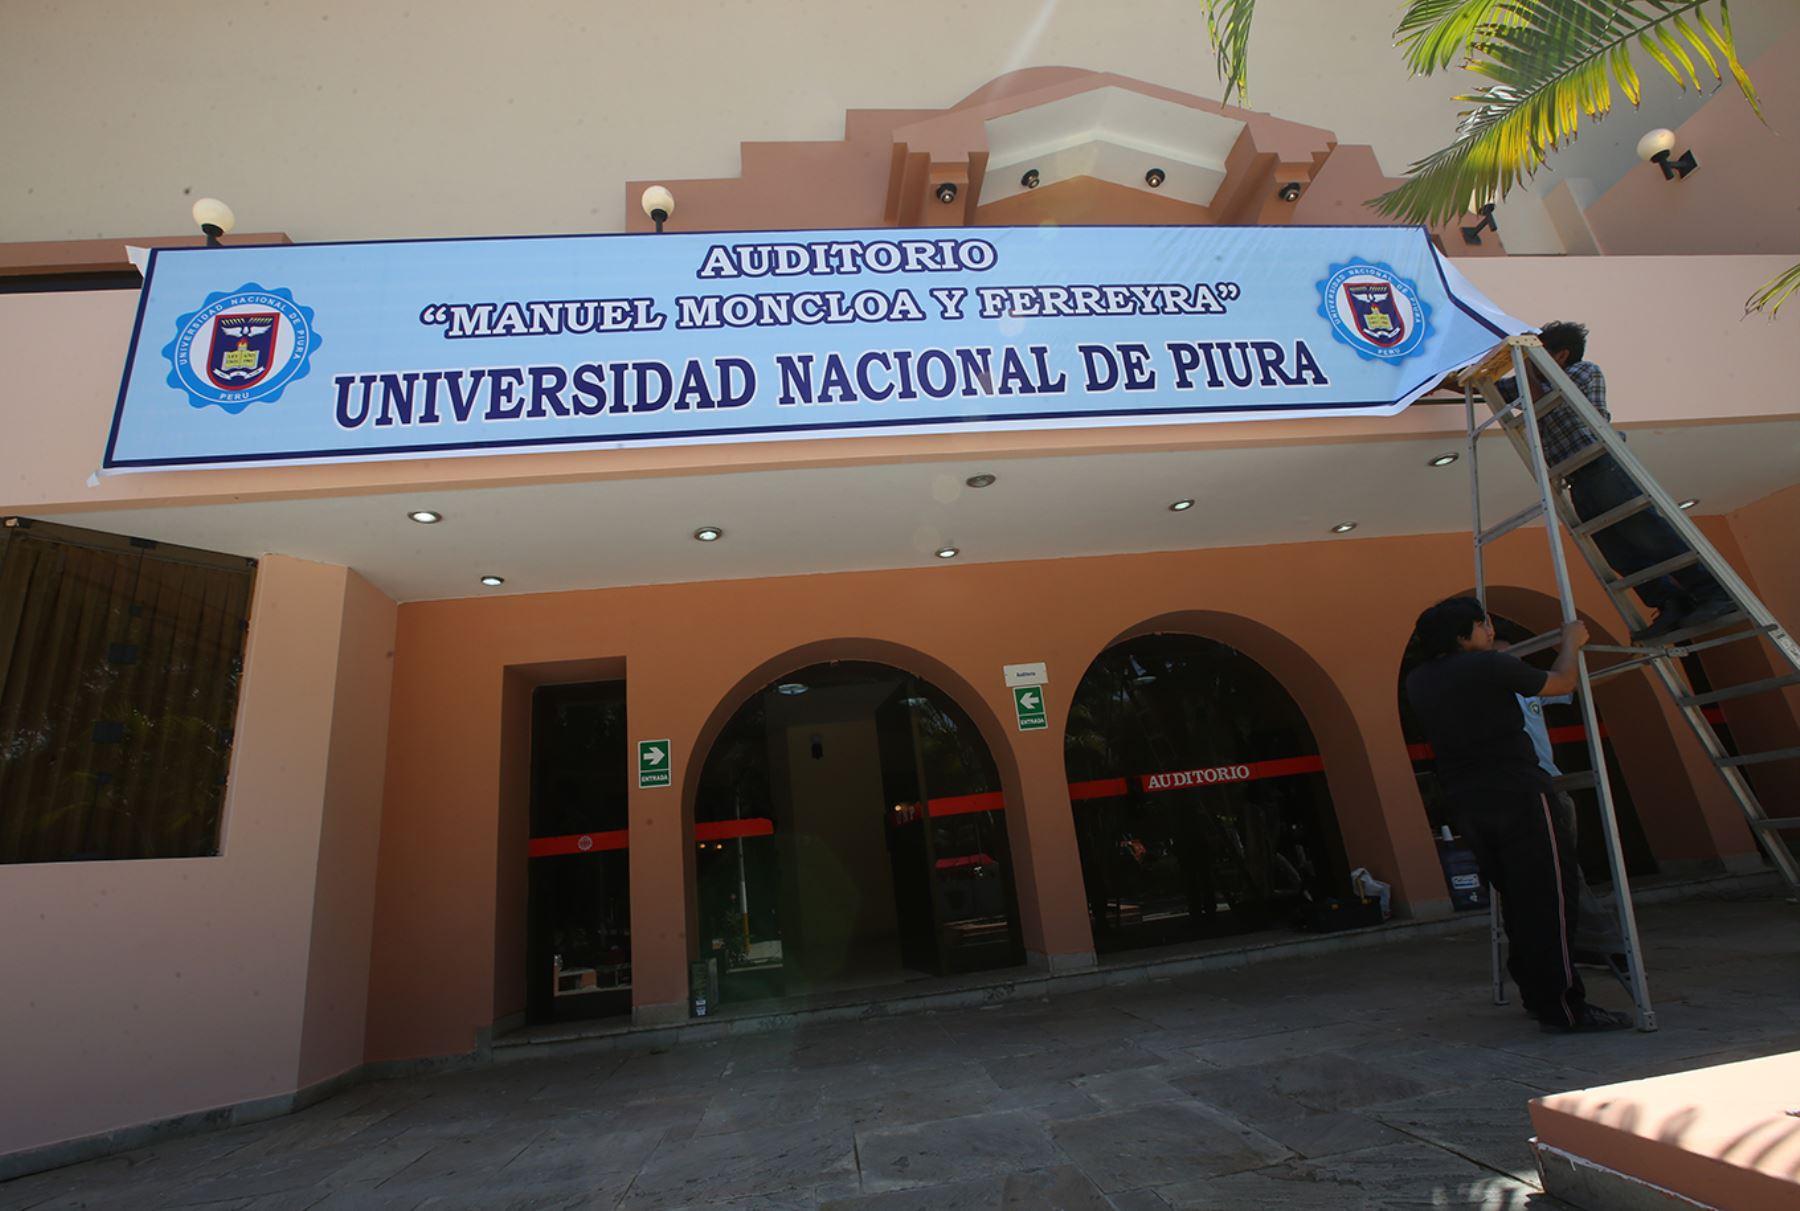 ANDINA/Juan Carlos Guzmán En este auditorio de la Universidad Nacional de Piura tendrá lugar esta noche el debate presidencial.